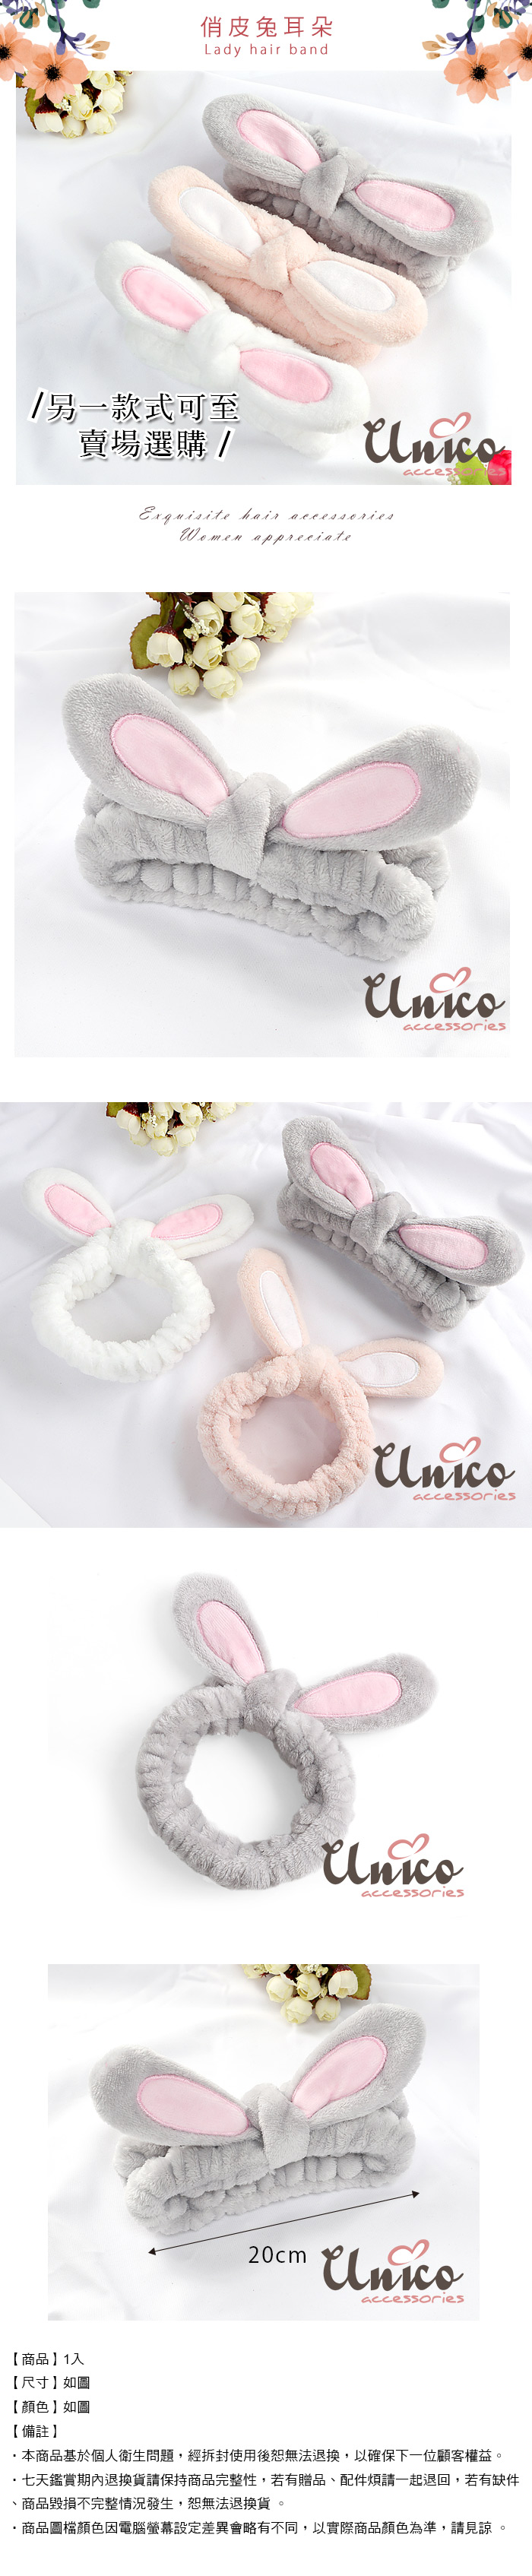 UNICO 大人小孩通用 舒適柔軟兔耳朵洗臉髮帶-灰色